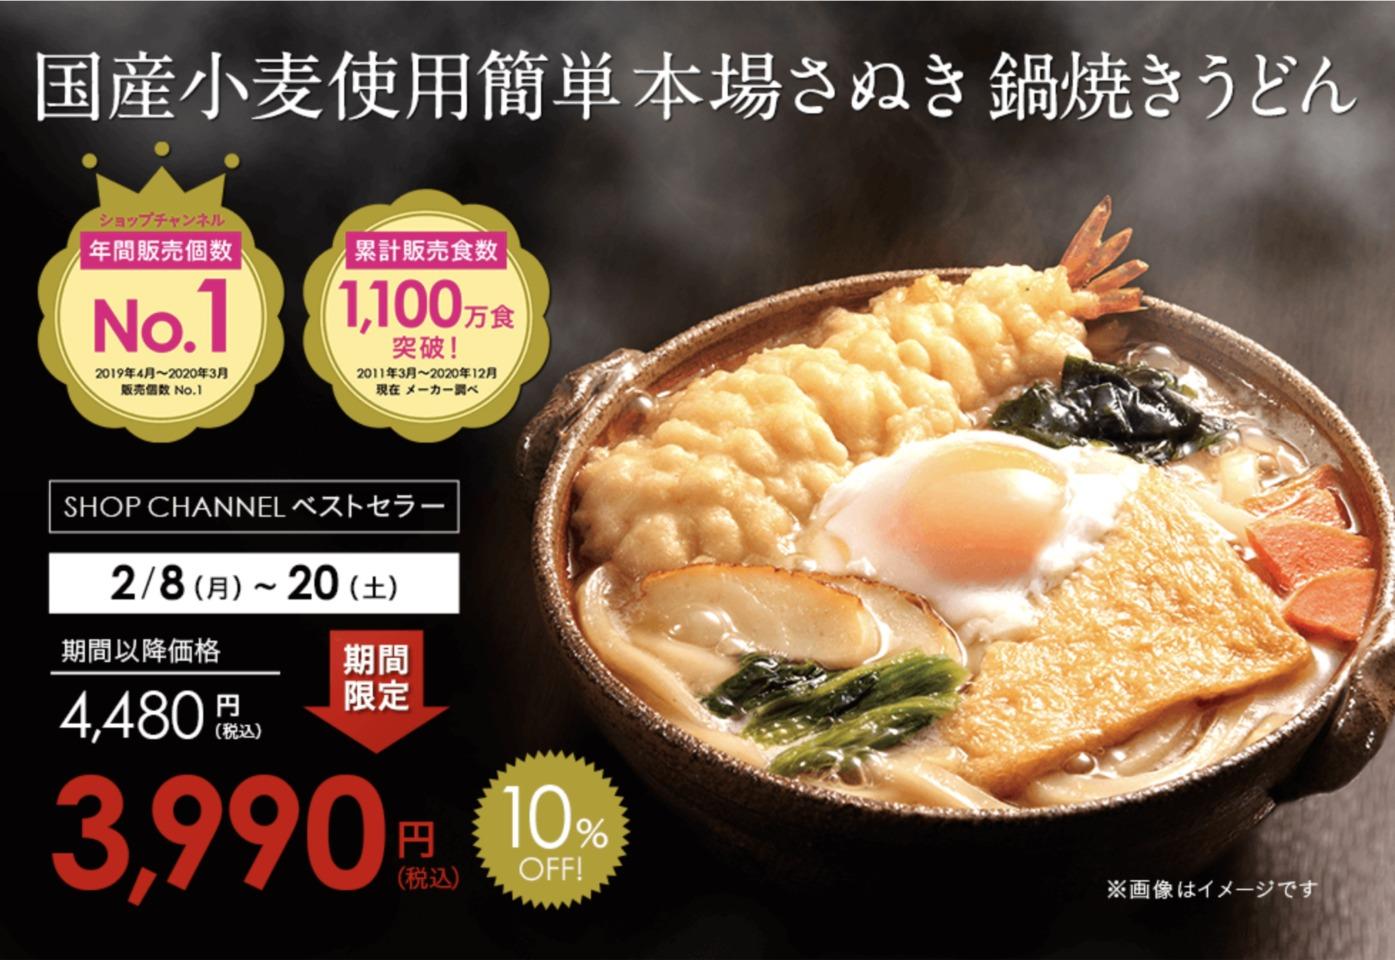 ショップチャンネル「本場鍋焼きうどん」